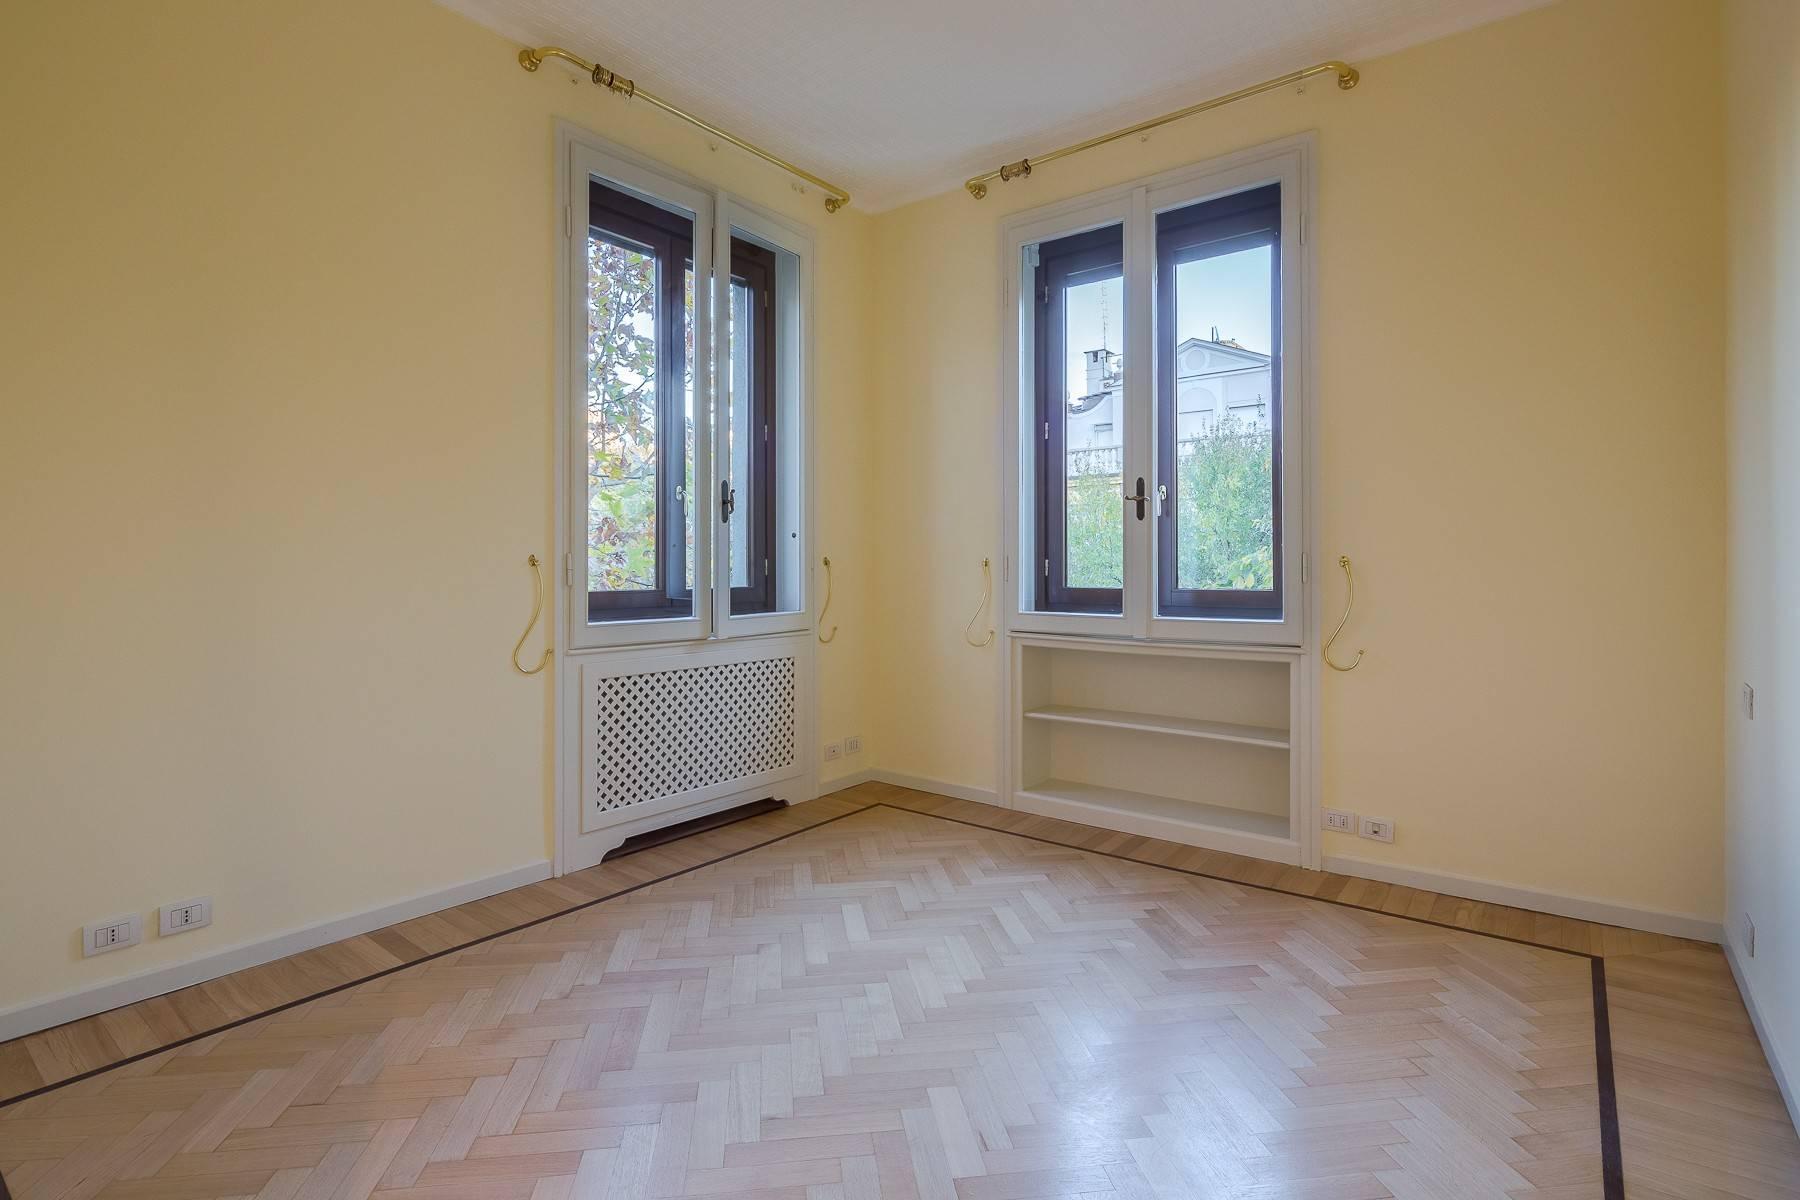 Grand appartement dans le quartier de Gabba / Montenapoleone - 23